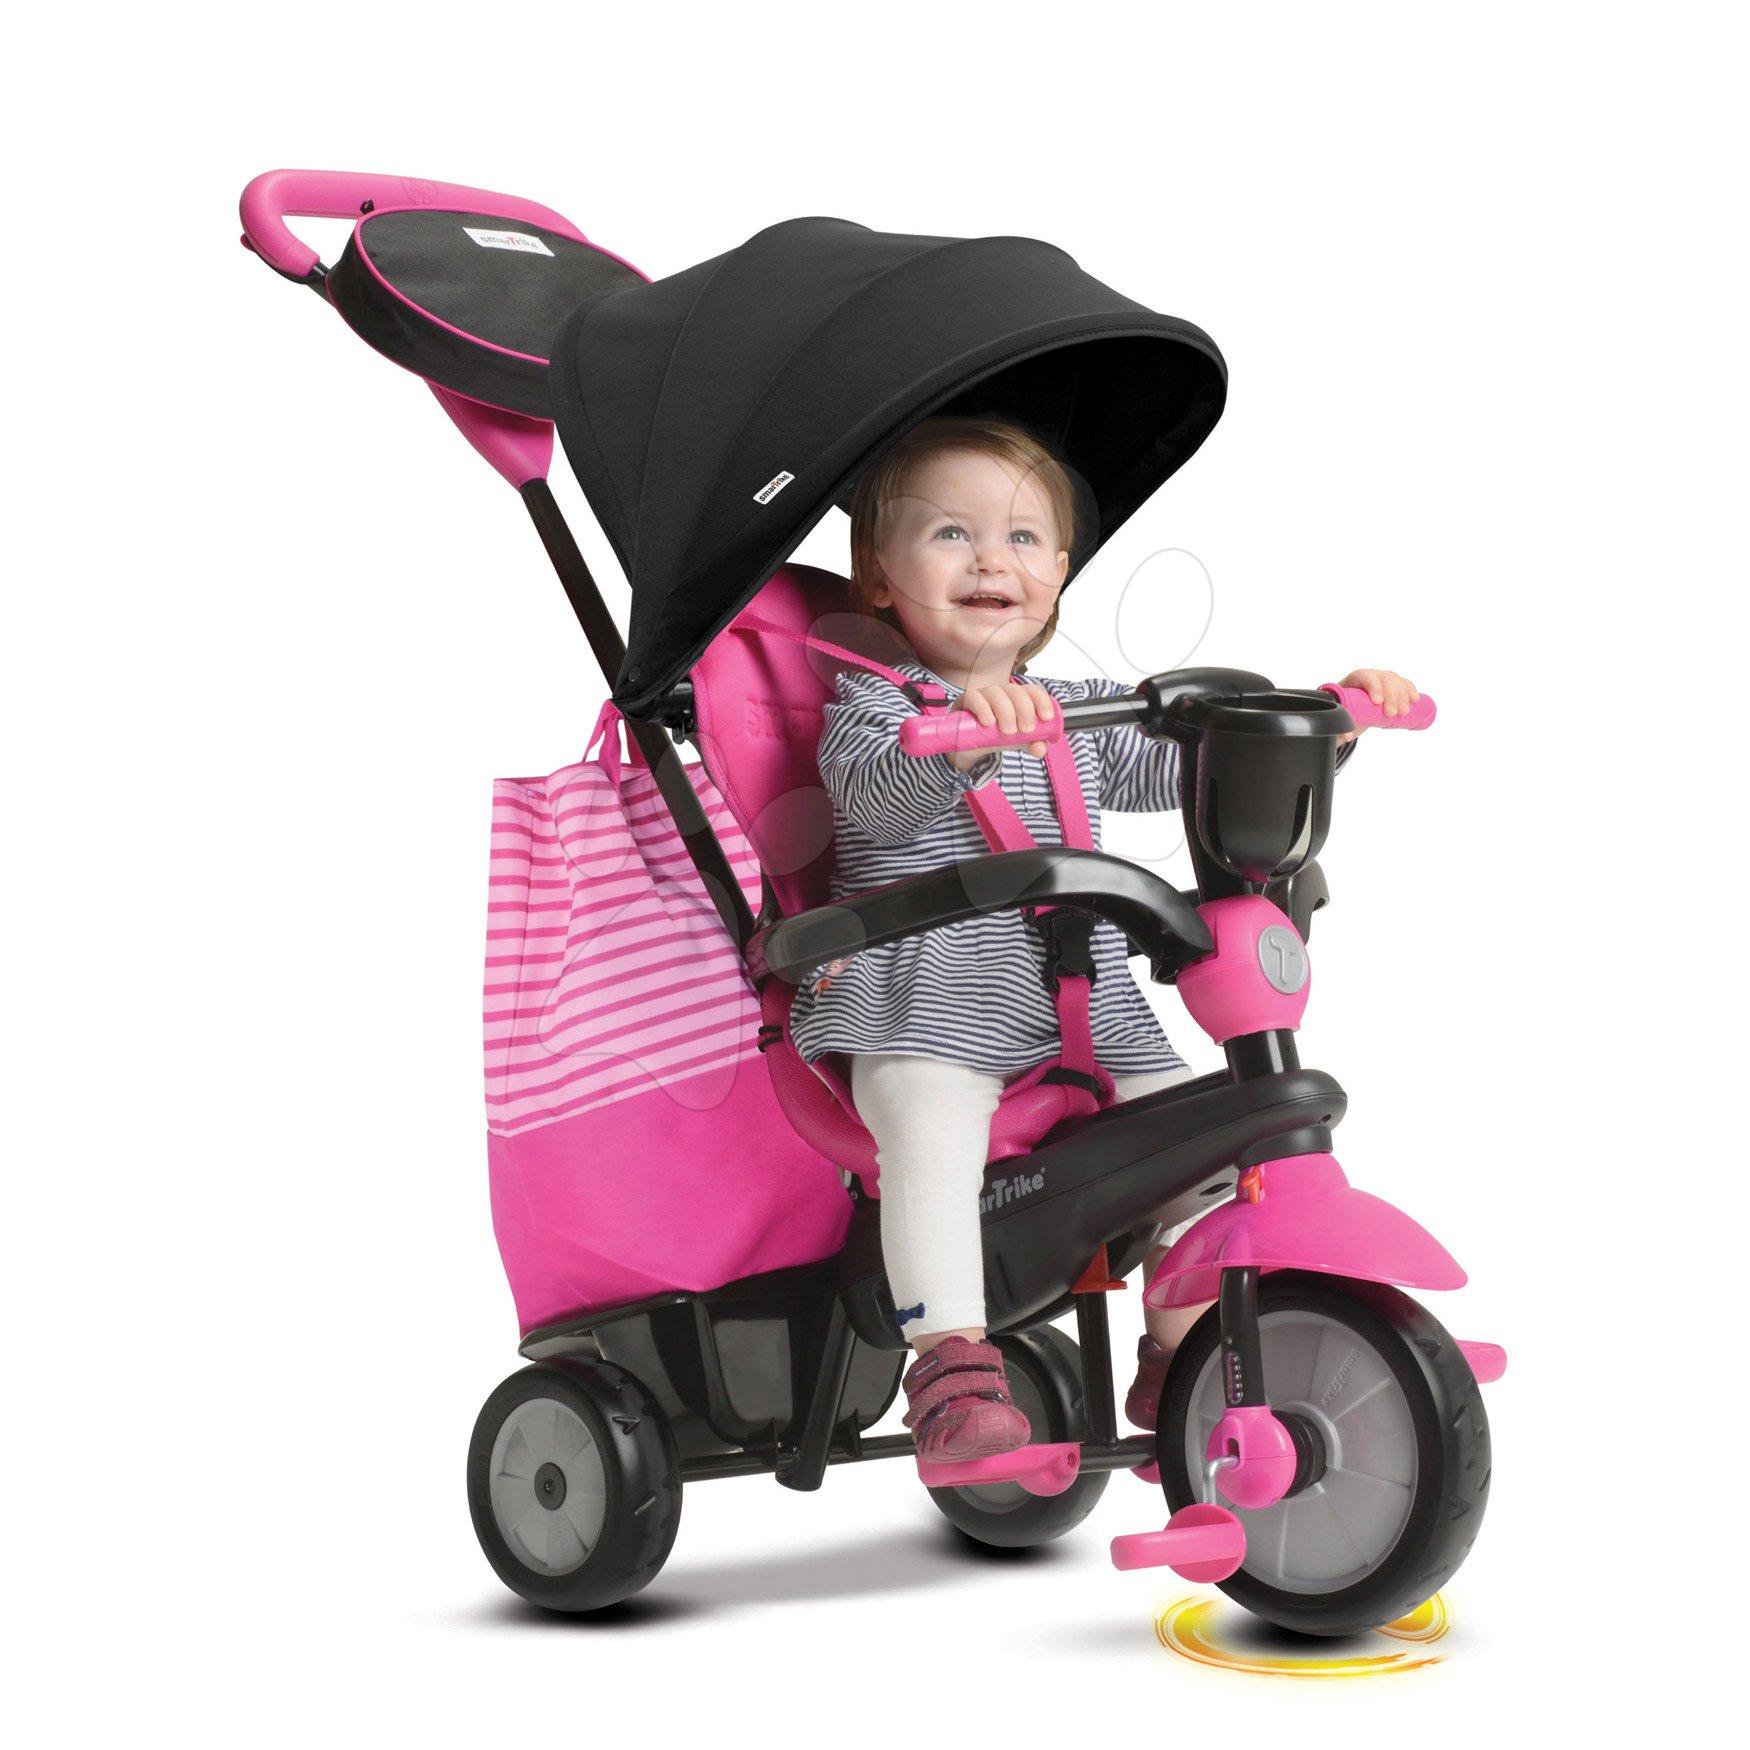 Tricikli SWING DLX 4in1 Pink TouchSteering smarTrike lengéscsillapítóval, szabadonfutó + UV védelem rózsaszín 10 hó-tól